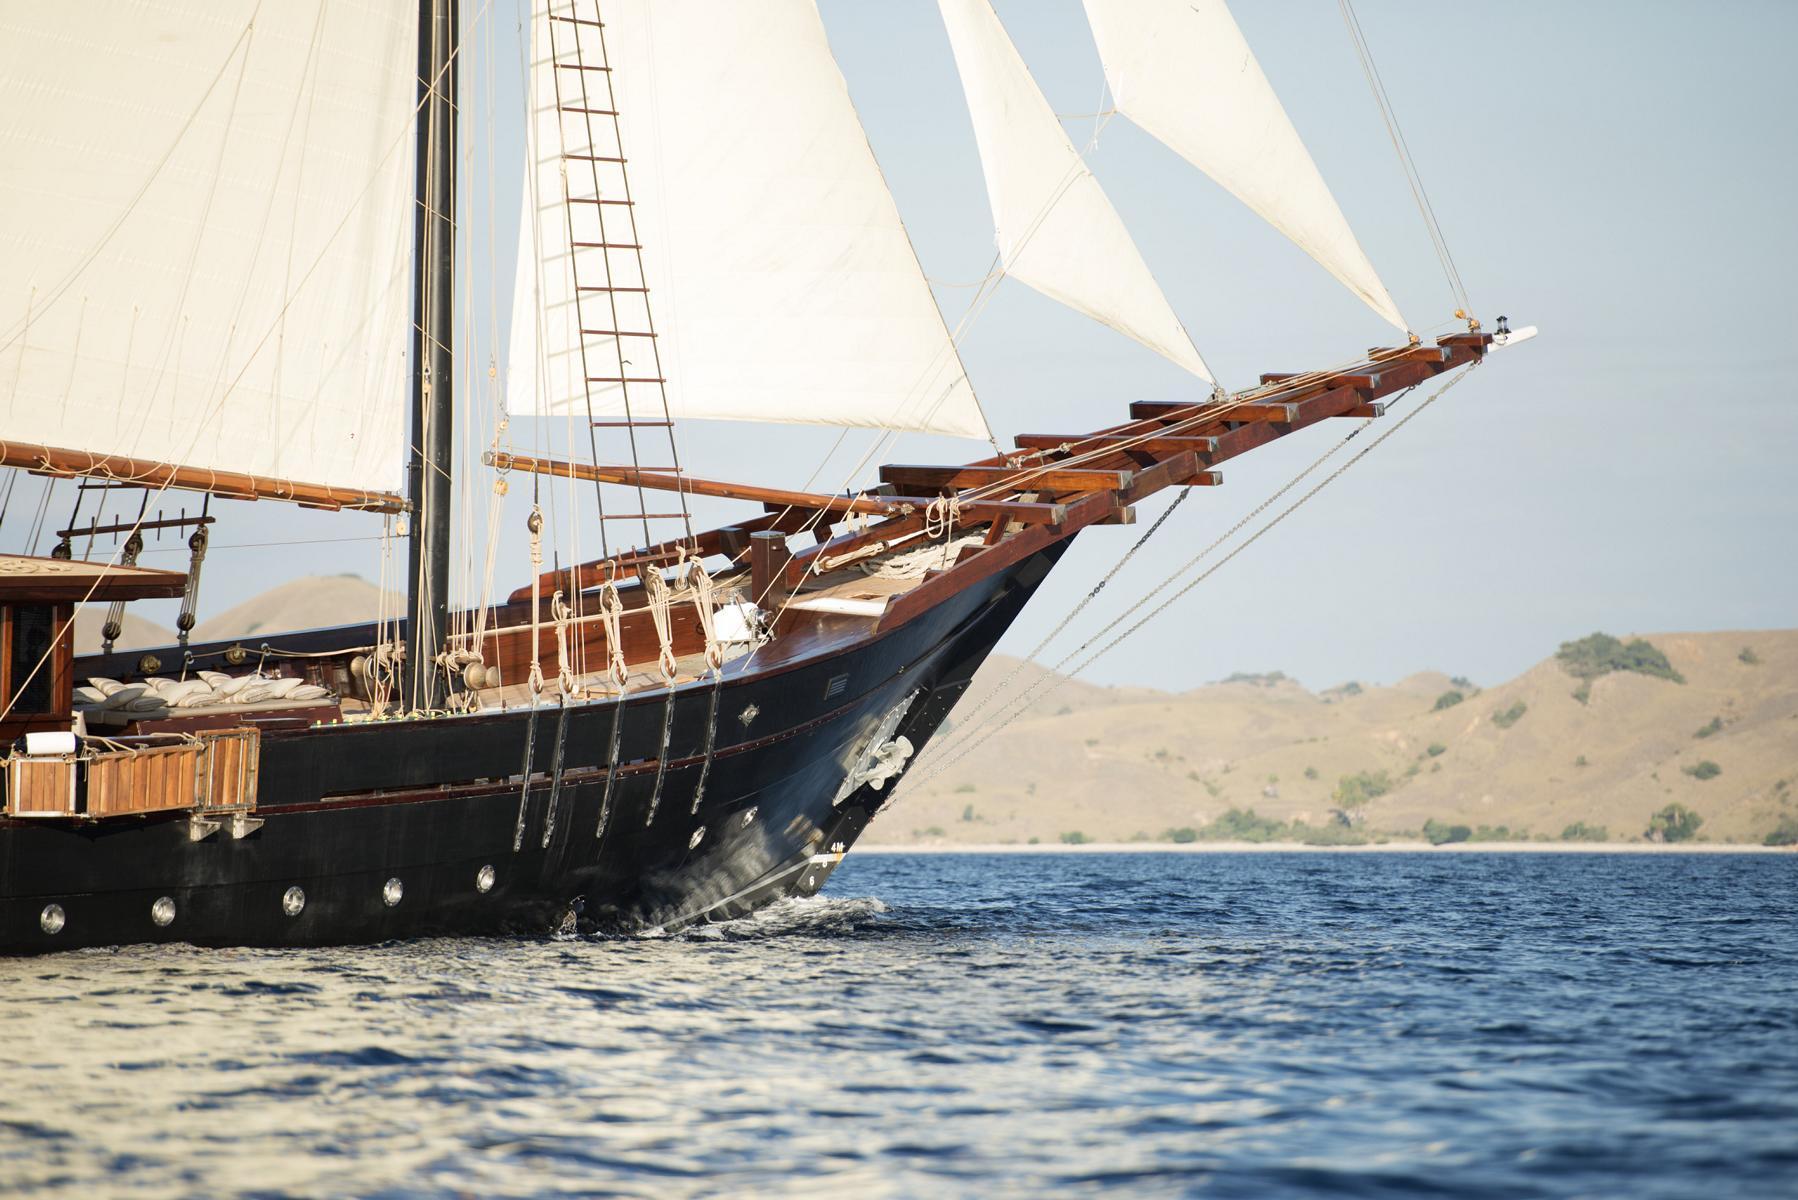 Der Bug des Segelschiffs Amandira von Aman Cruises mit gehissten Segeln